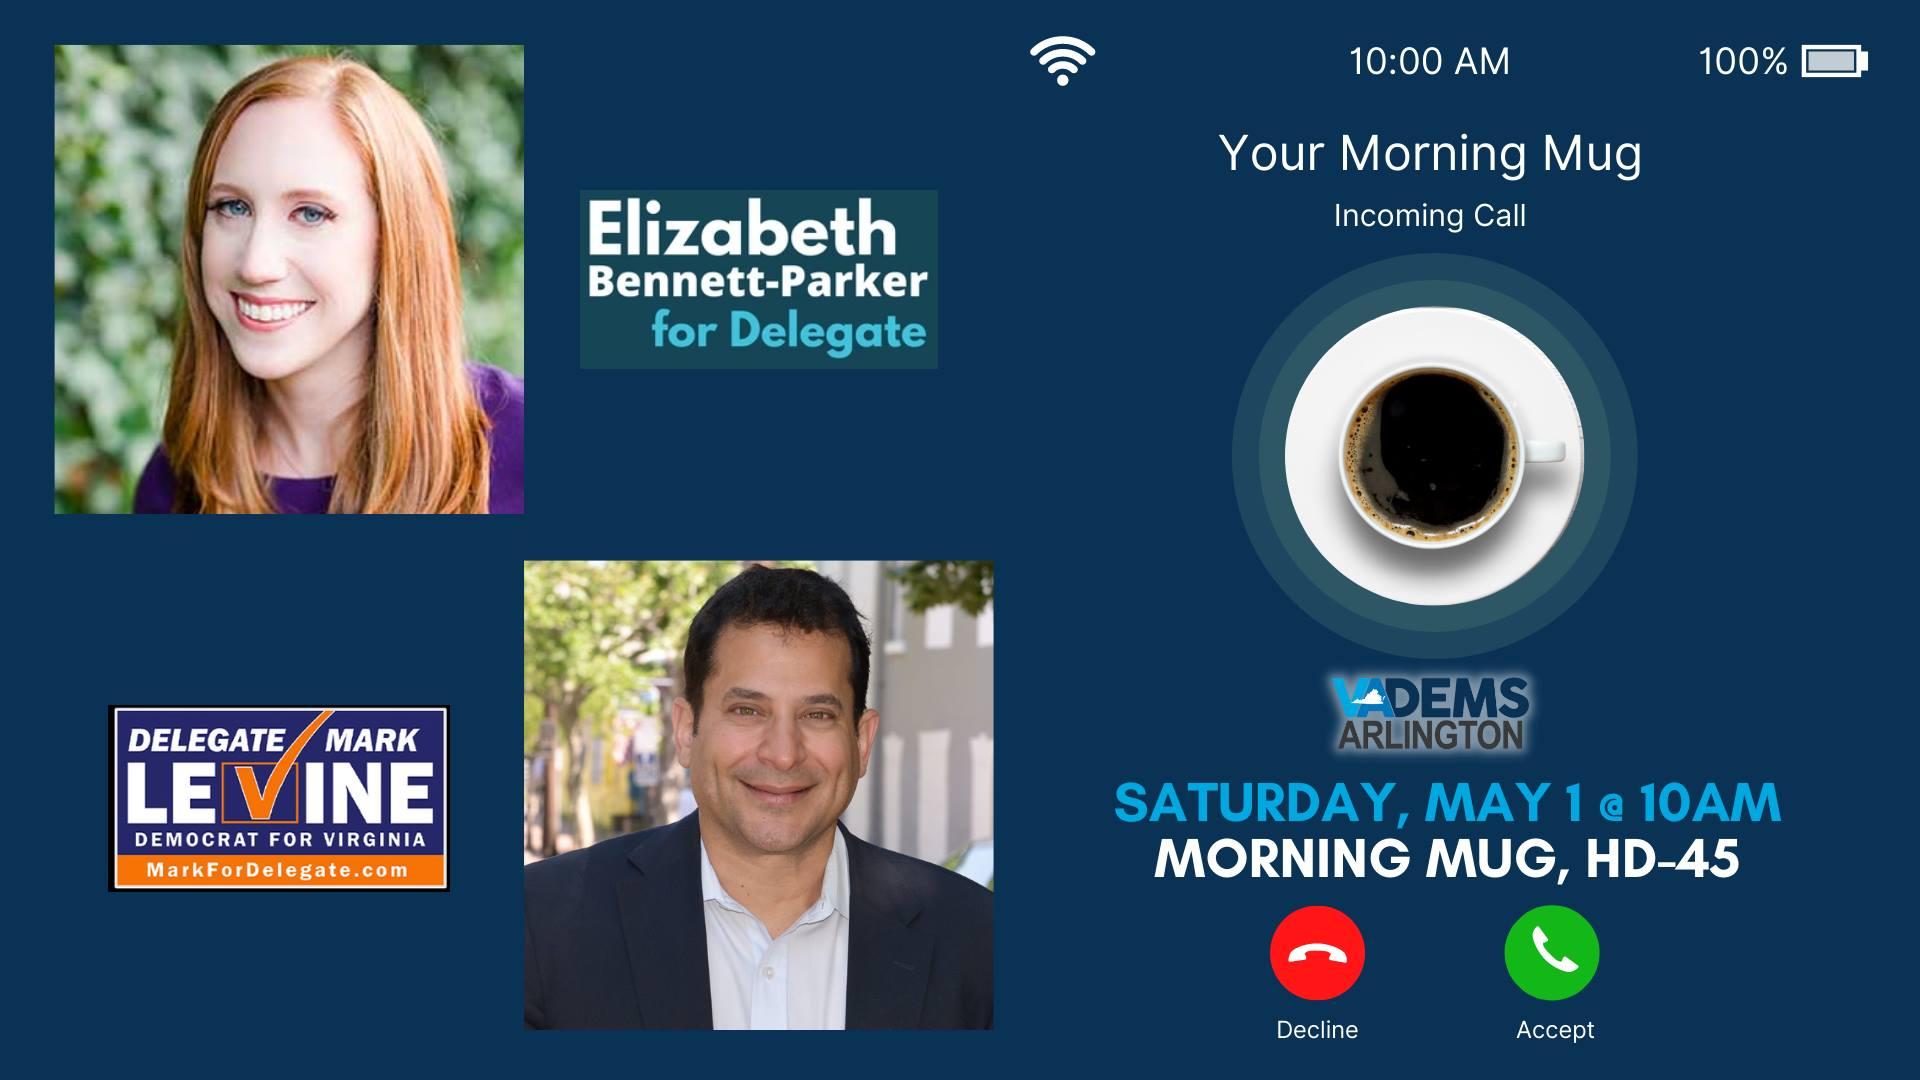 Morning Mug: House of Delegates